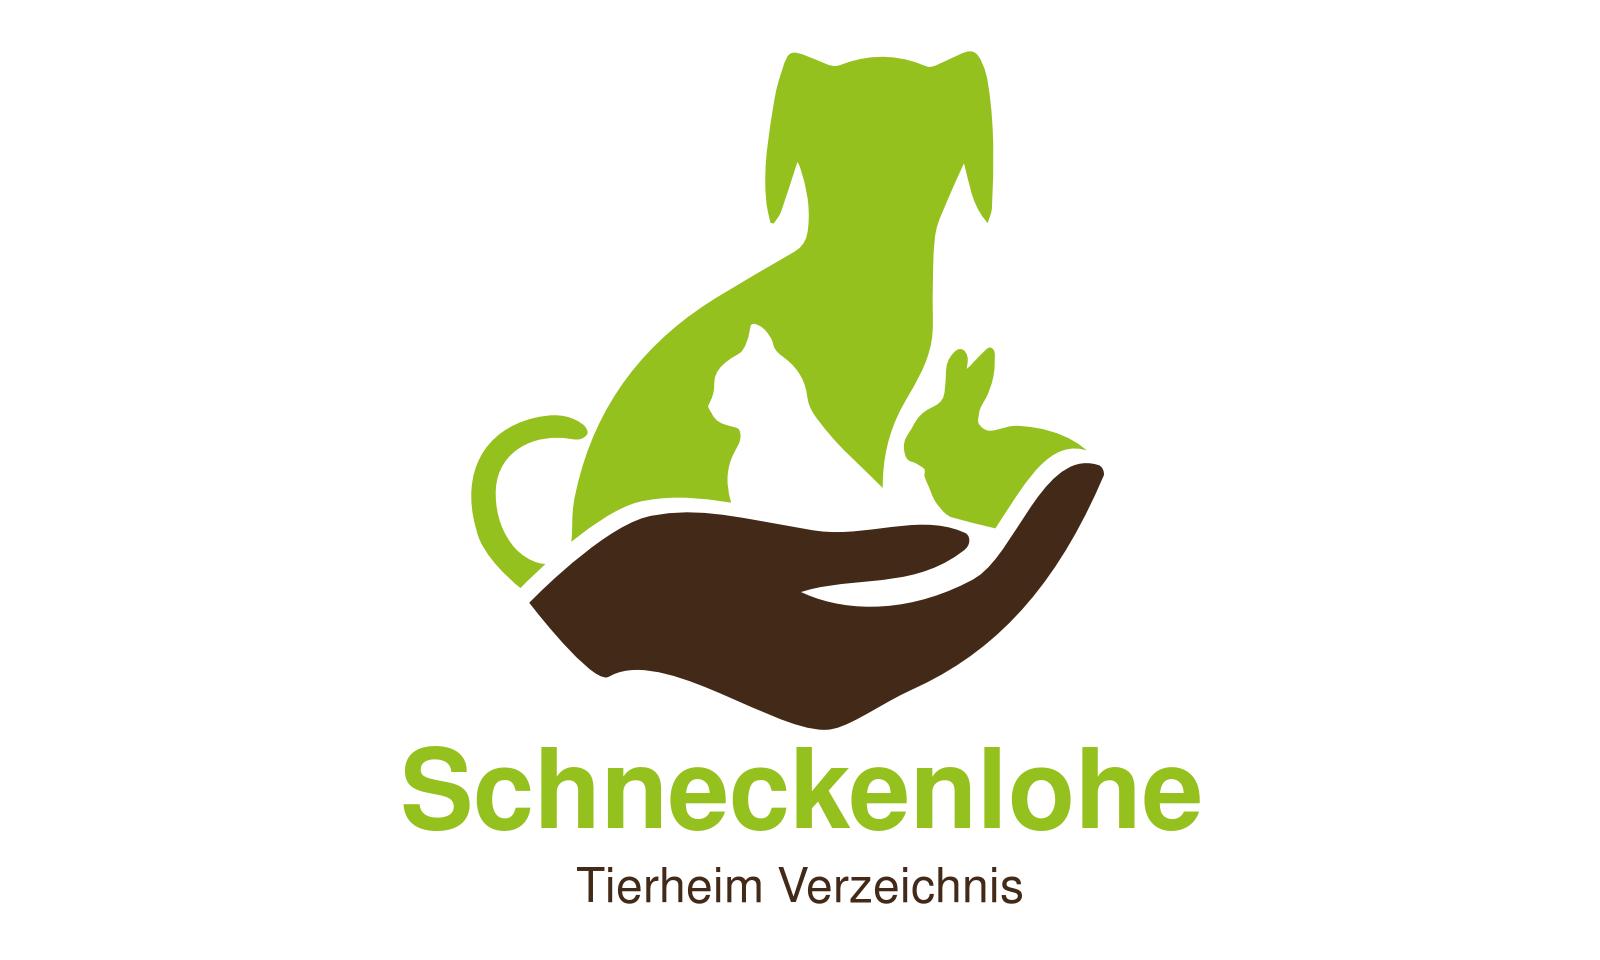 Tierheim Schneckenlohe